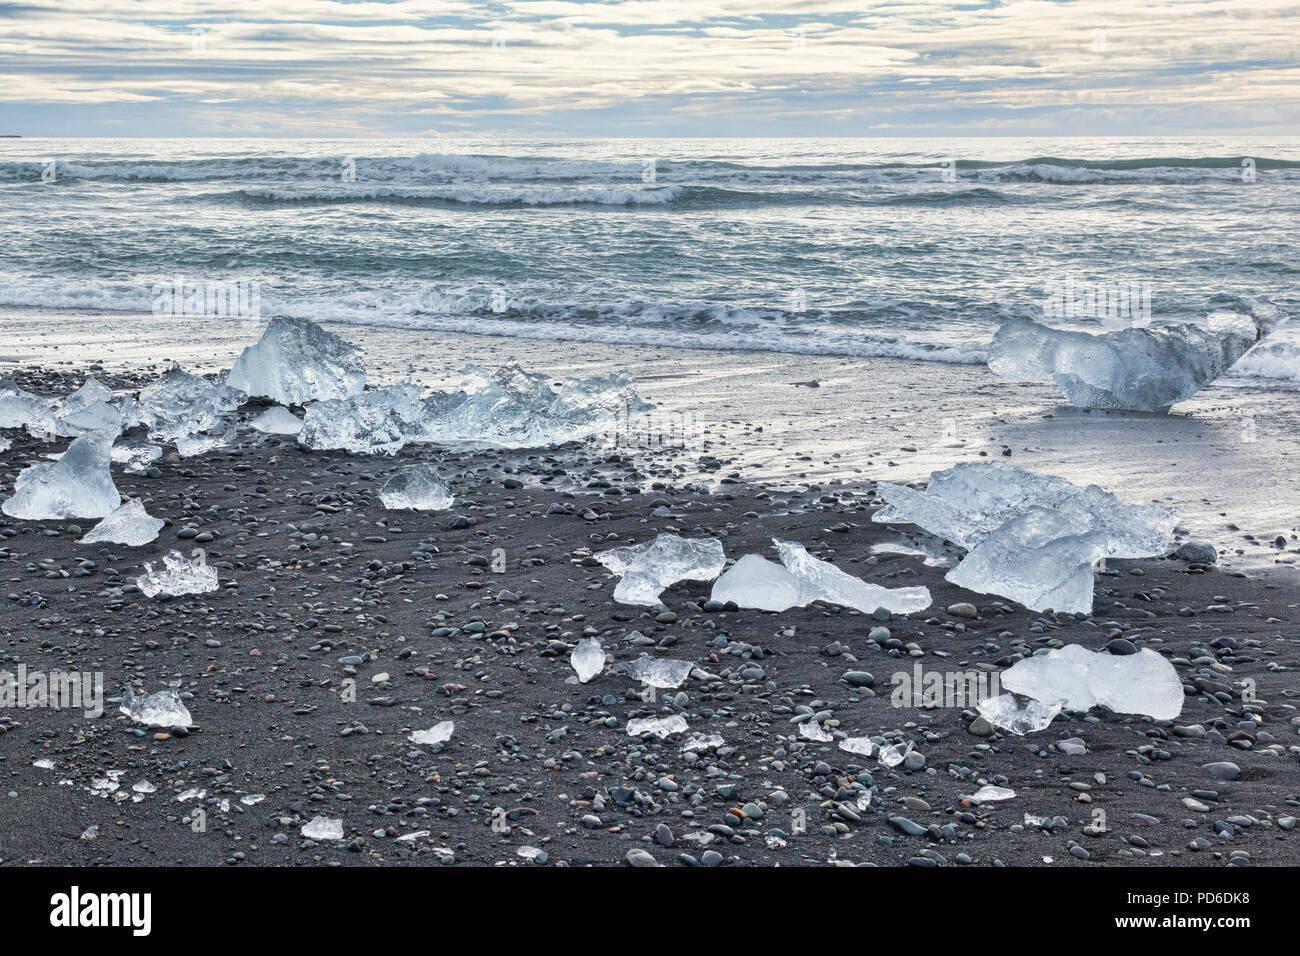 Plage du diamant, le sud de l'Islande, où la glace de Jokulsarlon Glacial Lagoon est déposé sur le sable noir volcanique. Photo Stock